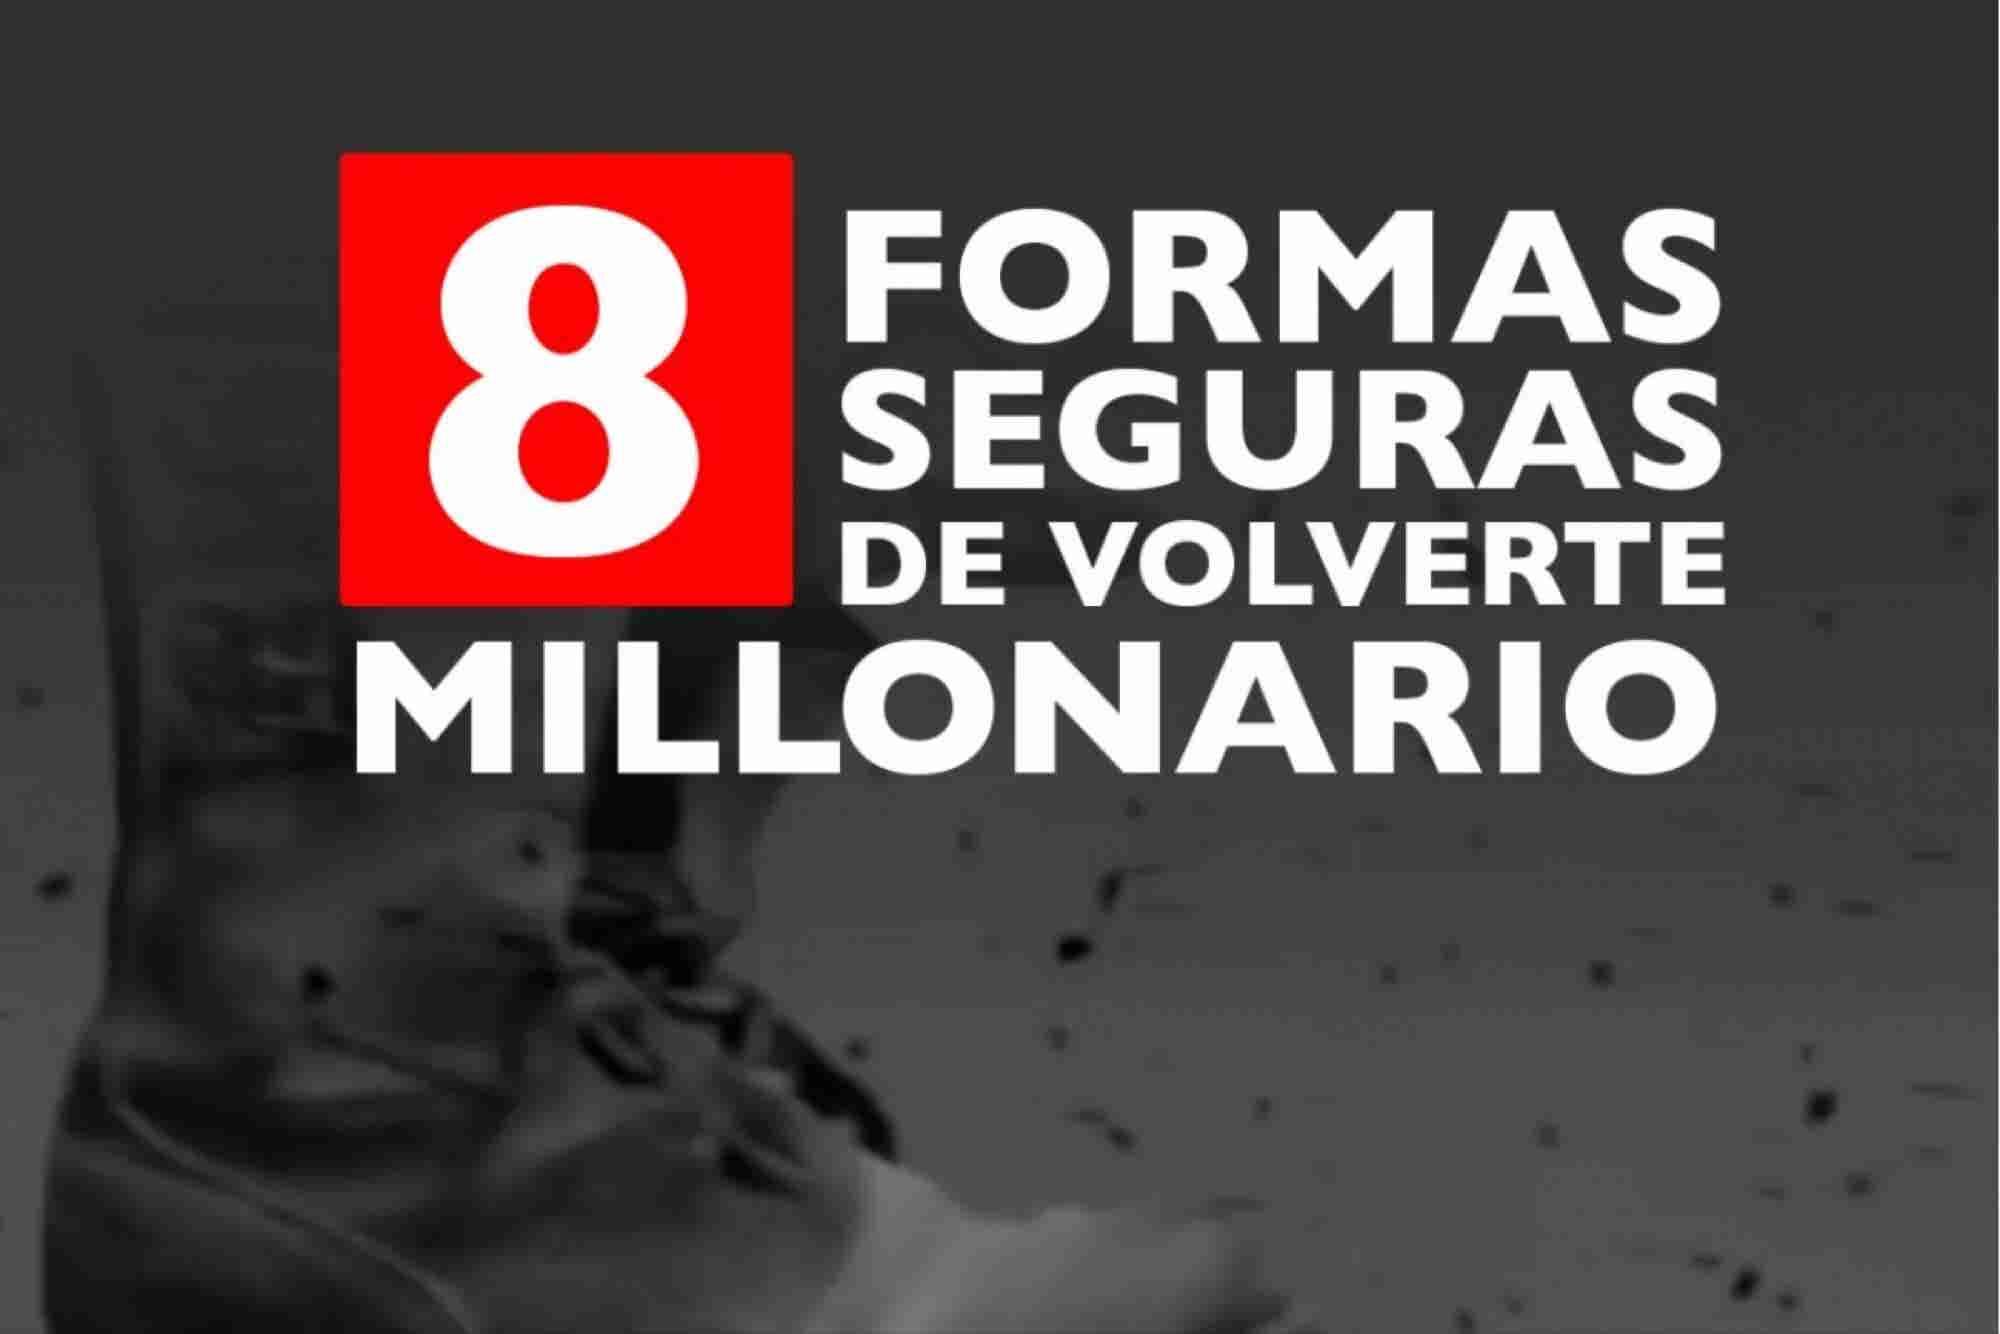 Video: 8 pasos lentos para ser millonario